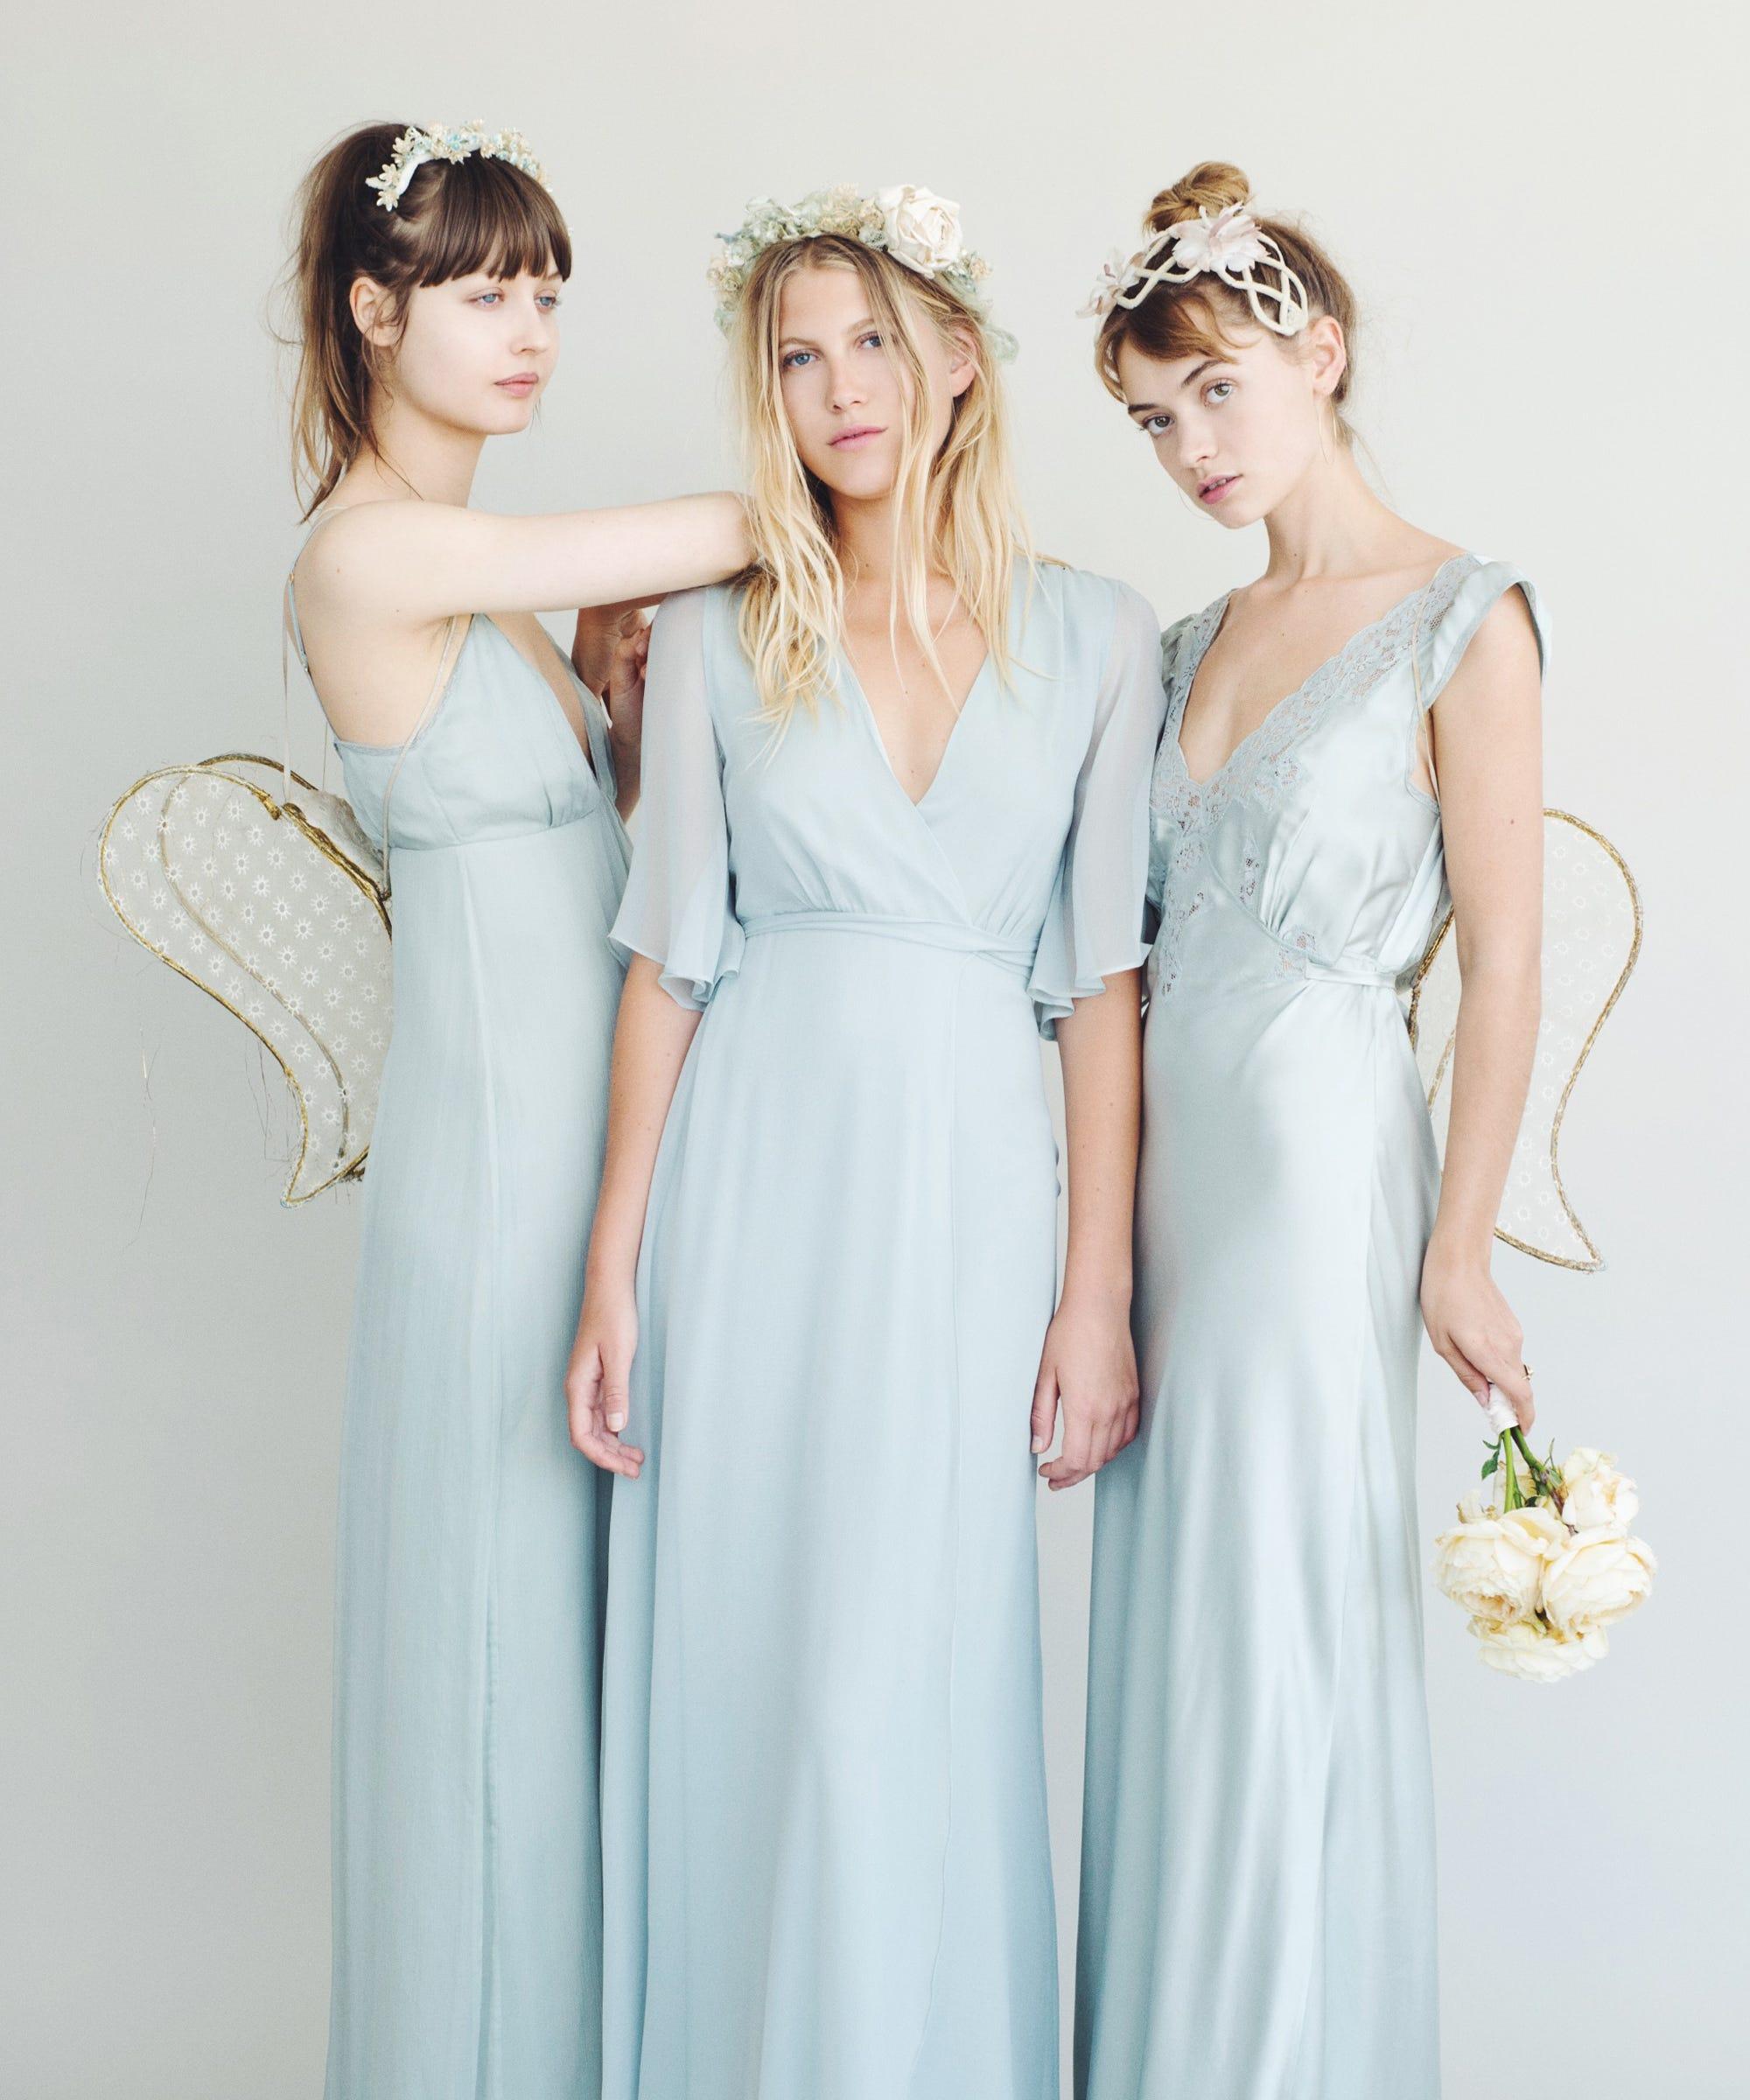 Lily Ashwell Affordable Bespoke Vintage Bridal Dresses